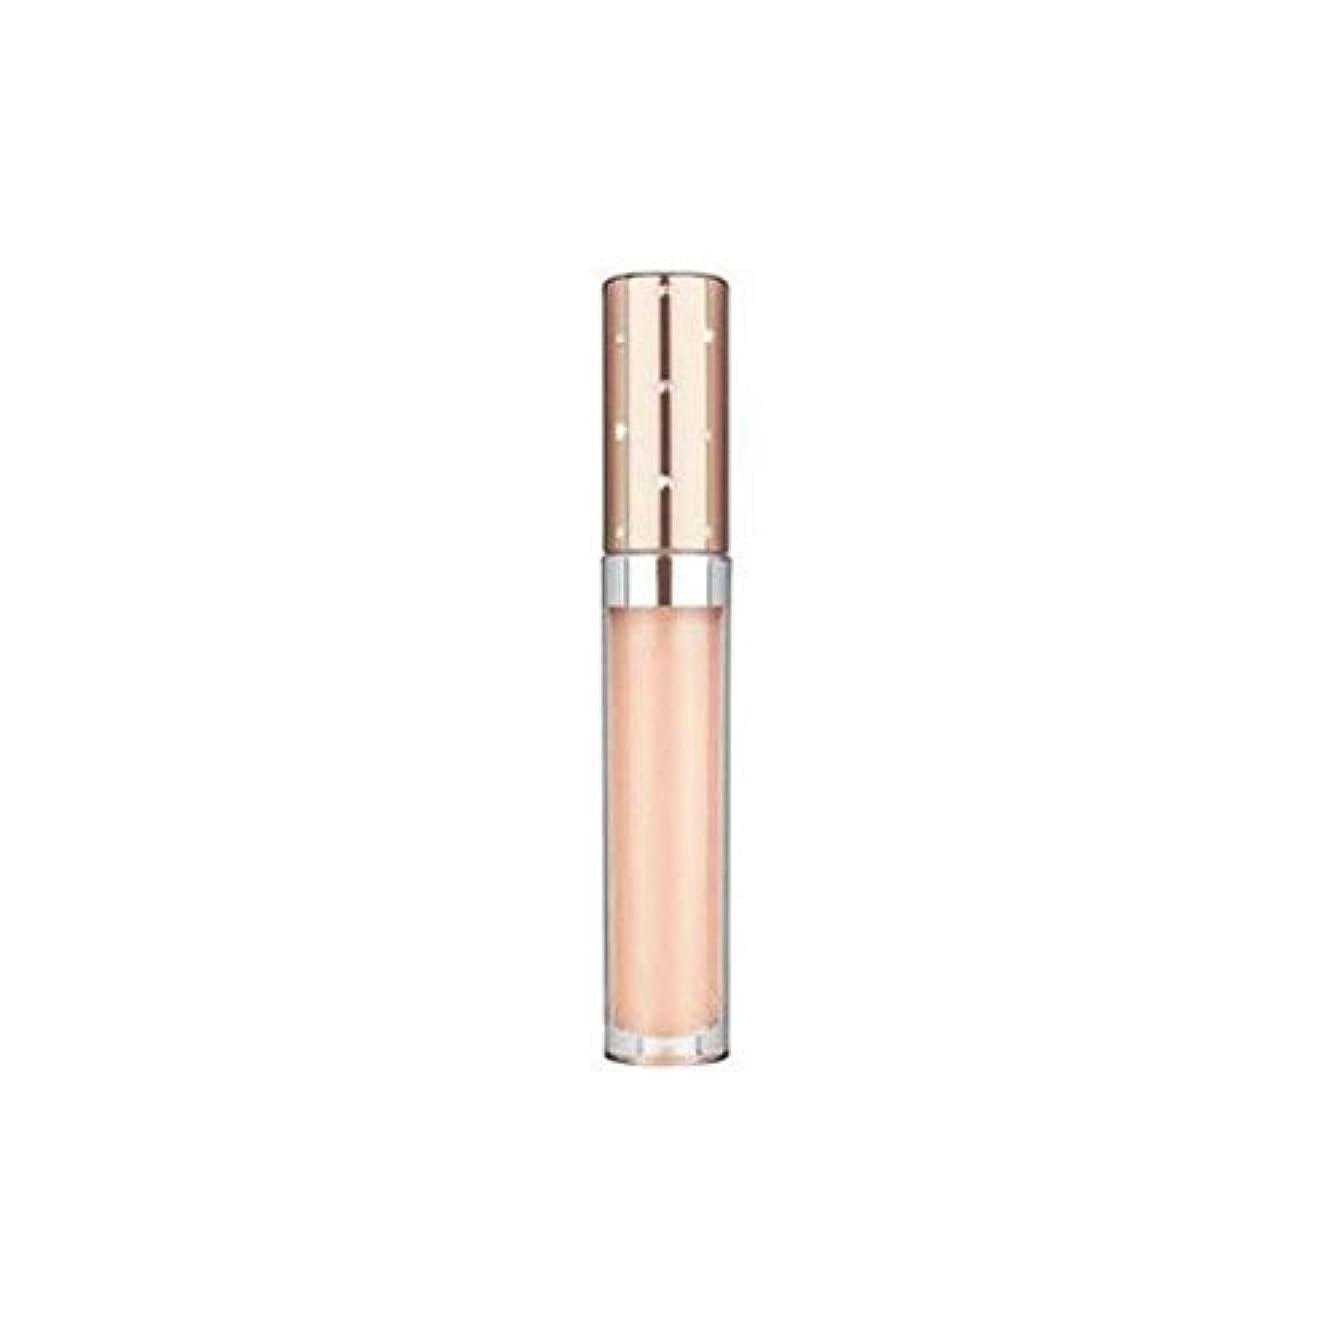 好意的ジョグミニチュアインスタントリップパーフェクション15(5ミリリットル) x2 - Nubo Instant Lip Perfection Spf15 (5ml) (Pack of 2) [並行輸入品]